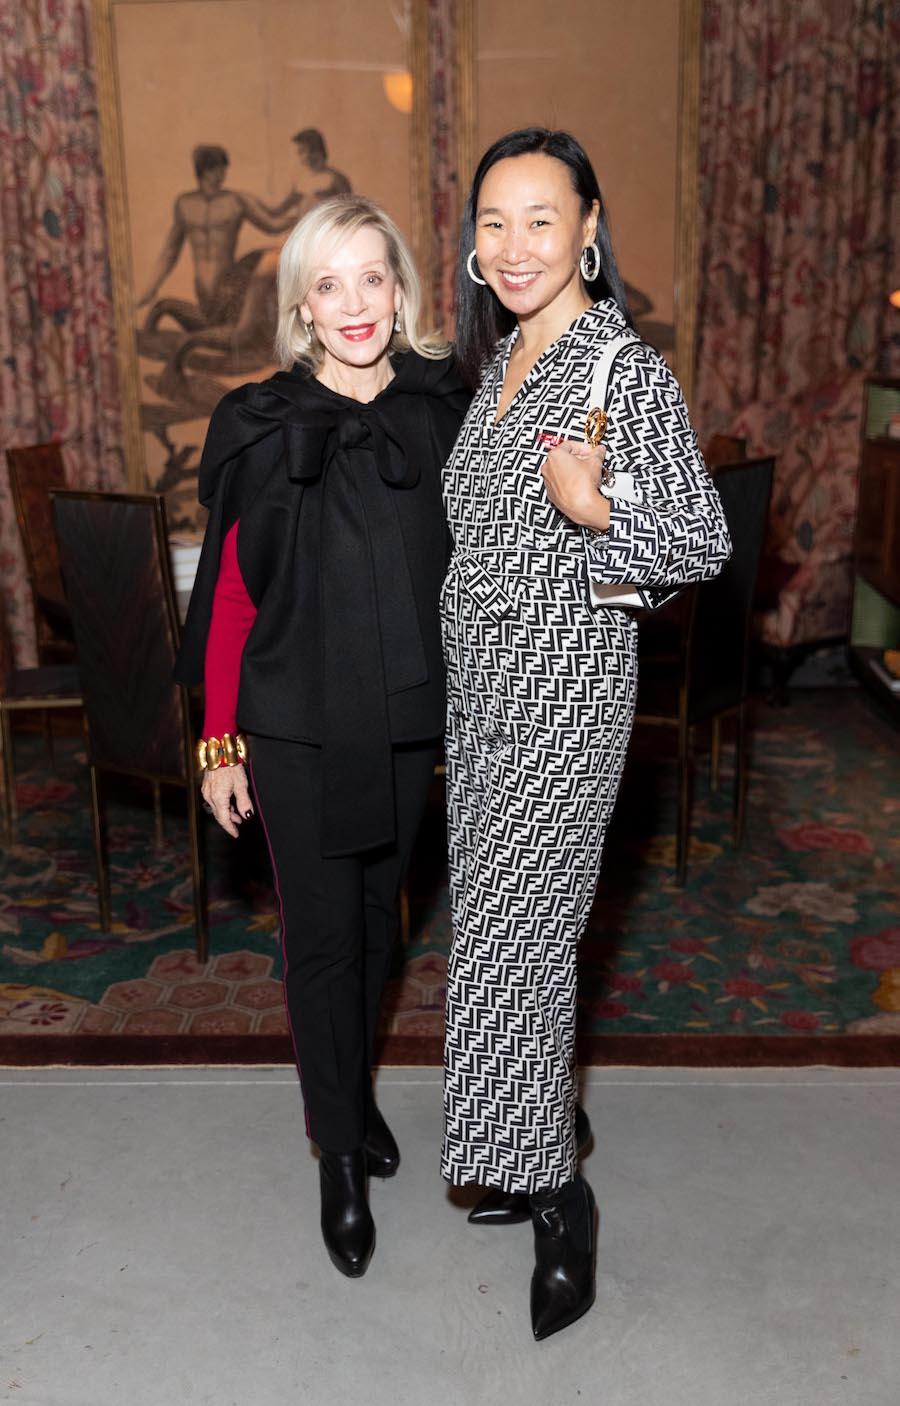 Barbara Brown and Carolyn Chang